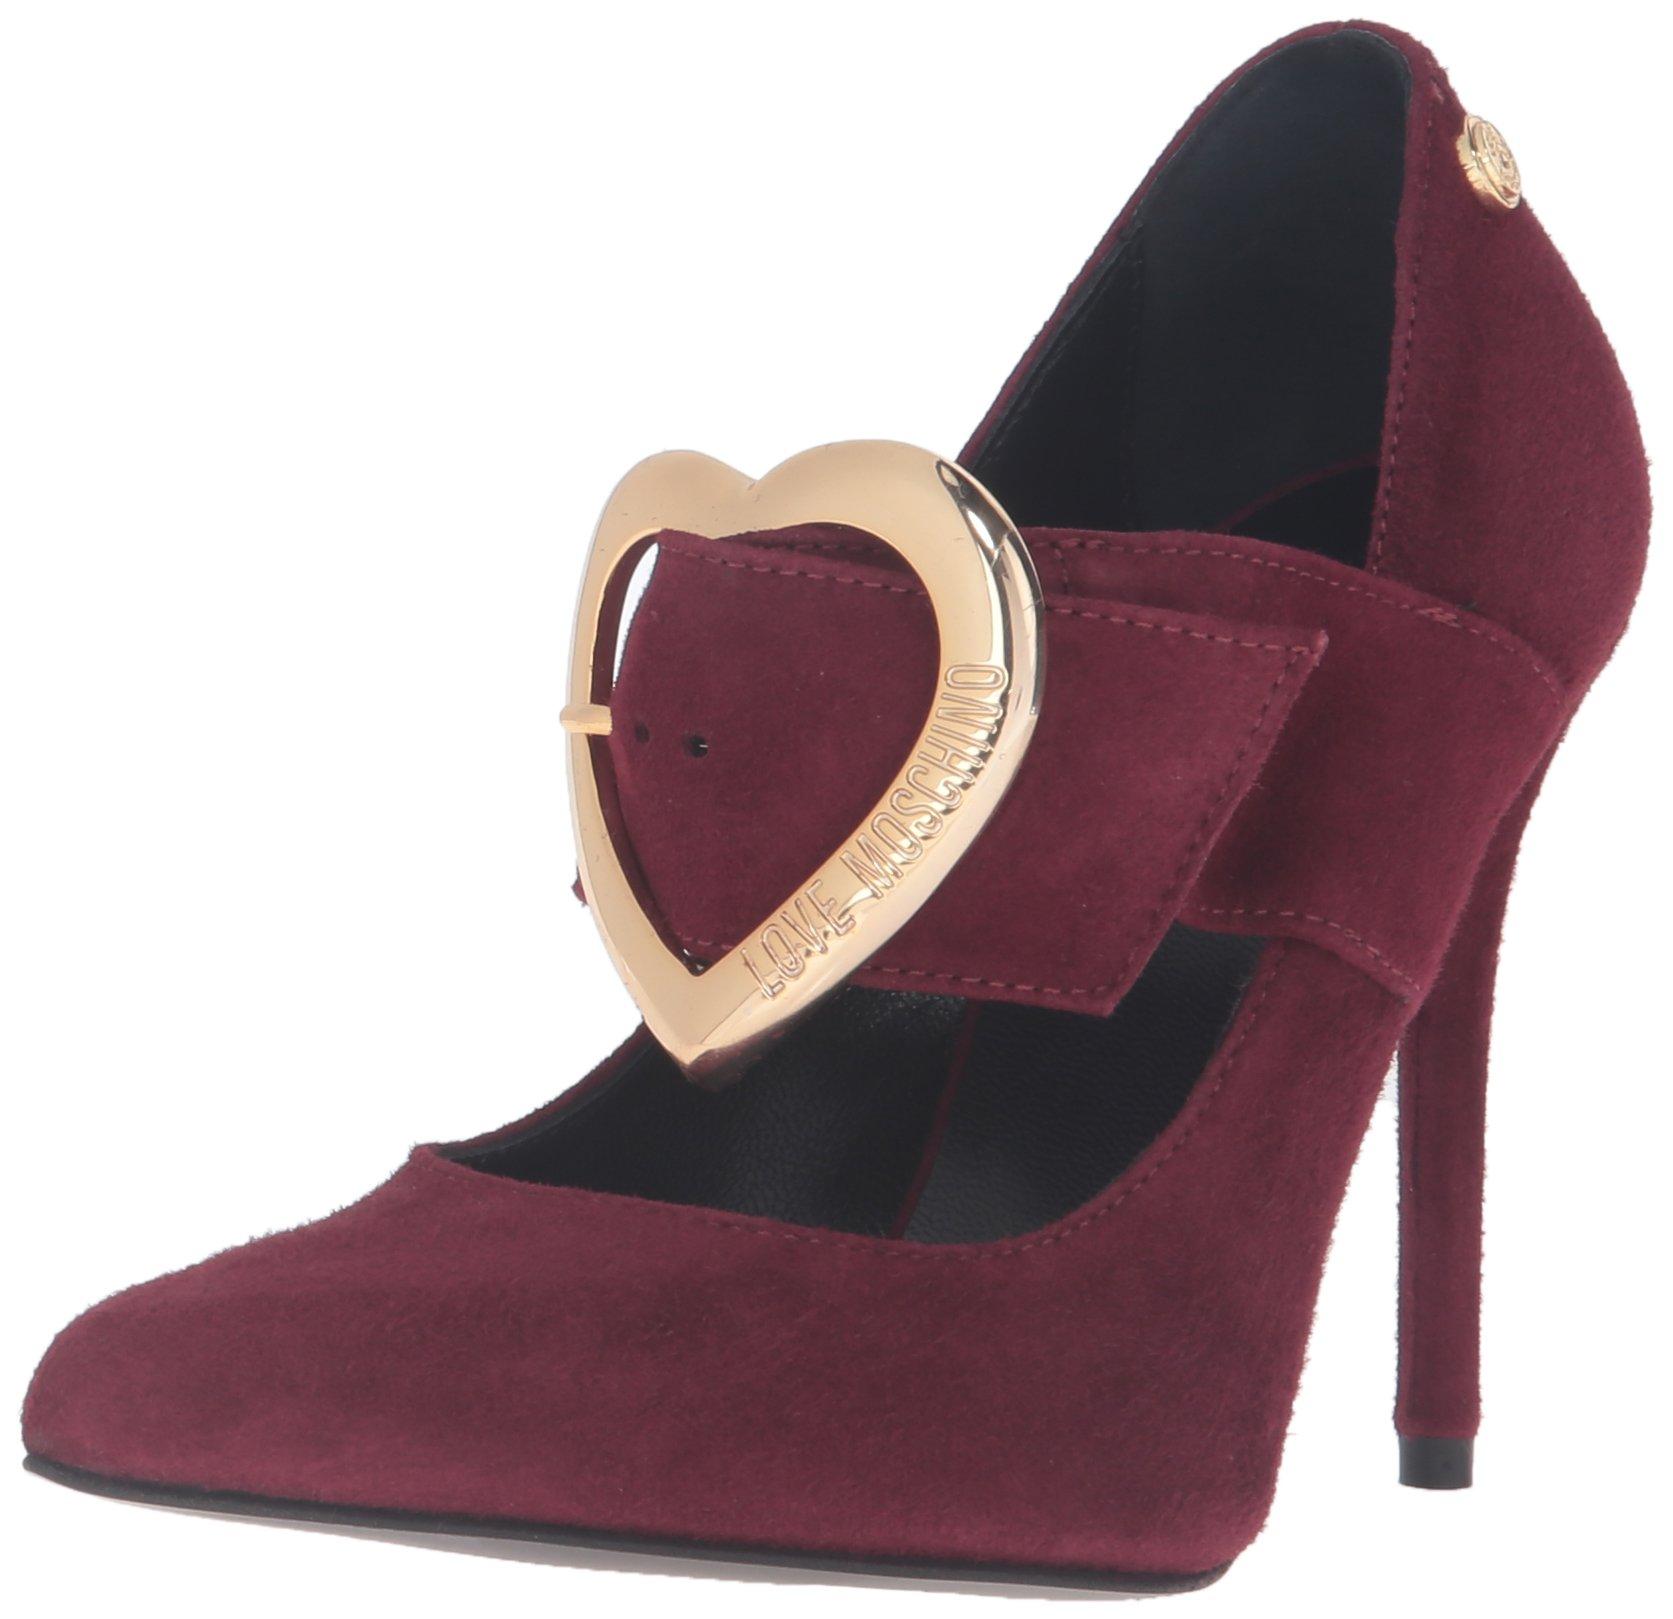 Love Moschino Women's Heel Dress Pump, Oxblood, 37 EU/7 M US